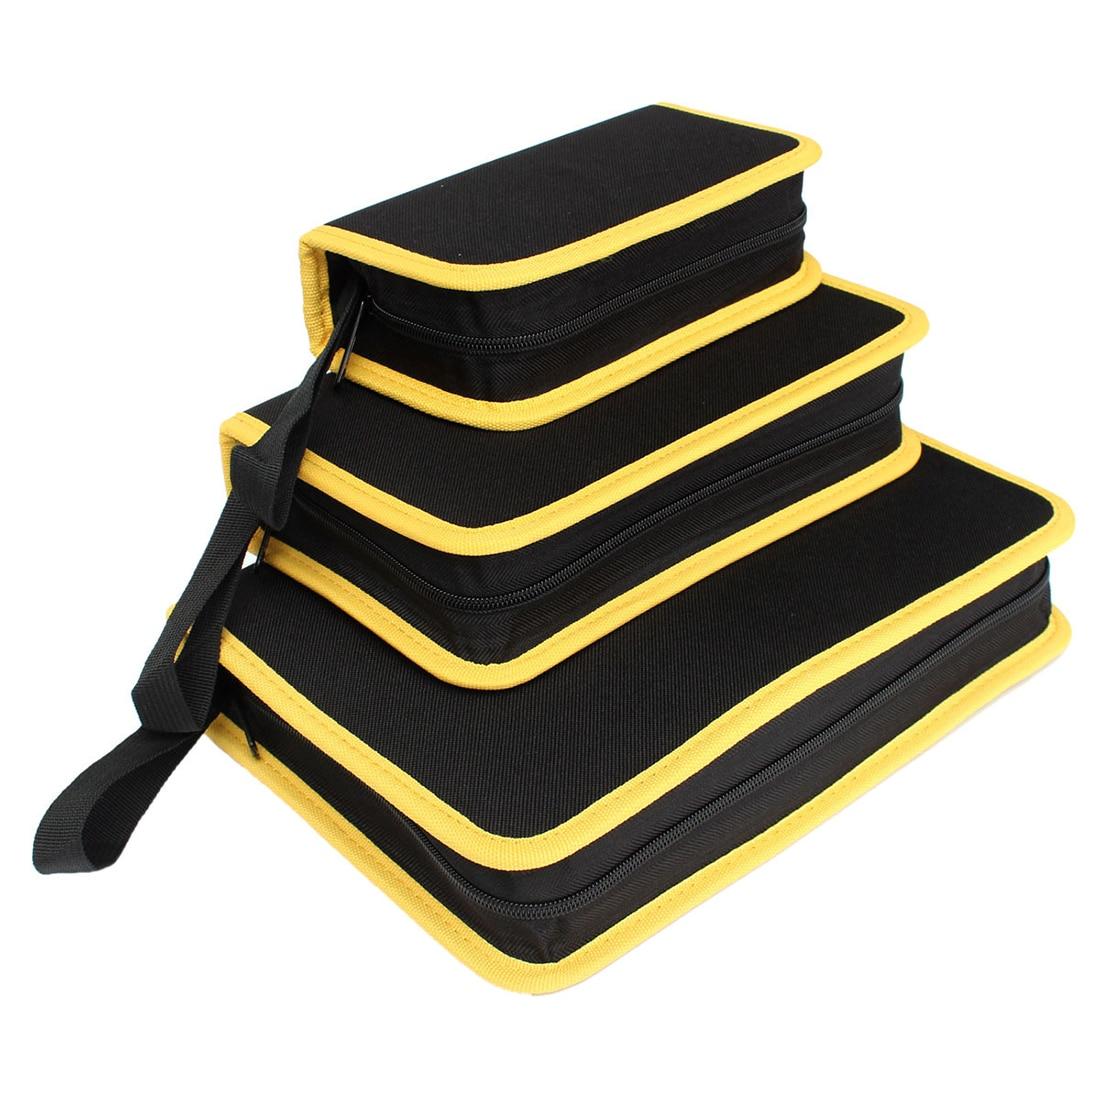 THGS Hardware Werkzeug Toolkit Lagerung Tasche Träger Oxford Handliche Zip Pouch Handtasche, M 26*15*5,5 cm